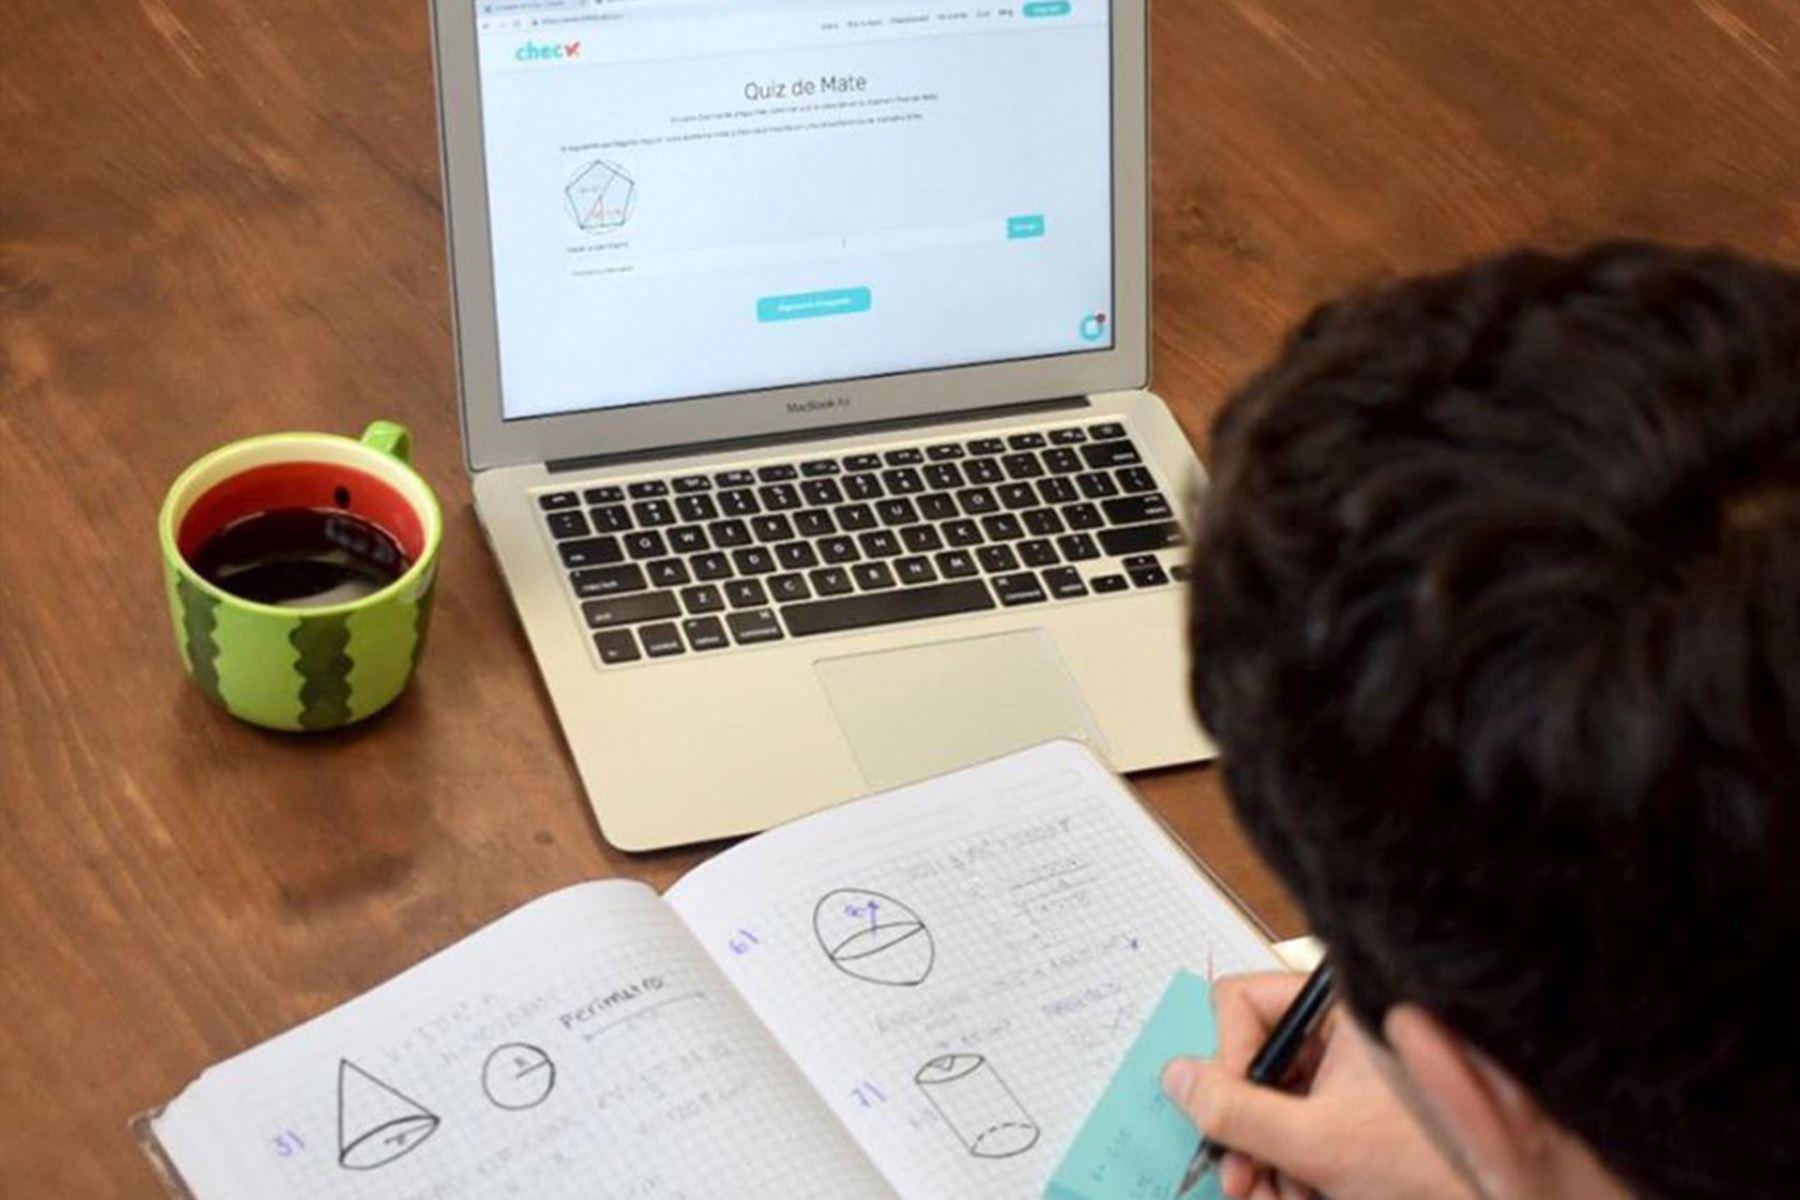 Check es una plataforma digital, disponible actualmente para el nivel secundario en las materias de matemáticas y ciencias, que busca reemplazar los textos tradicionales